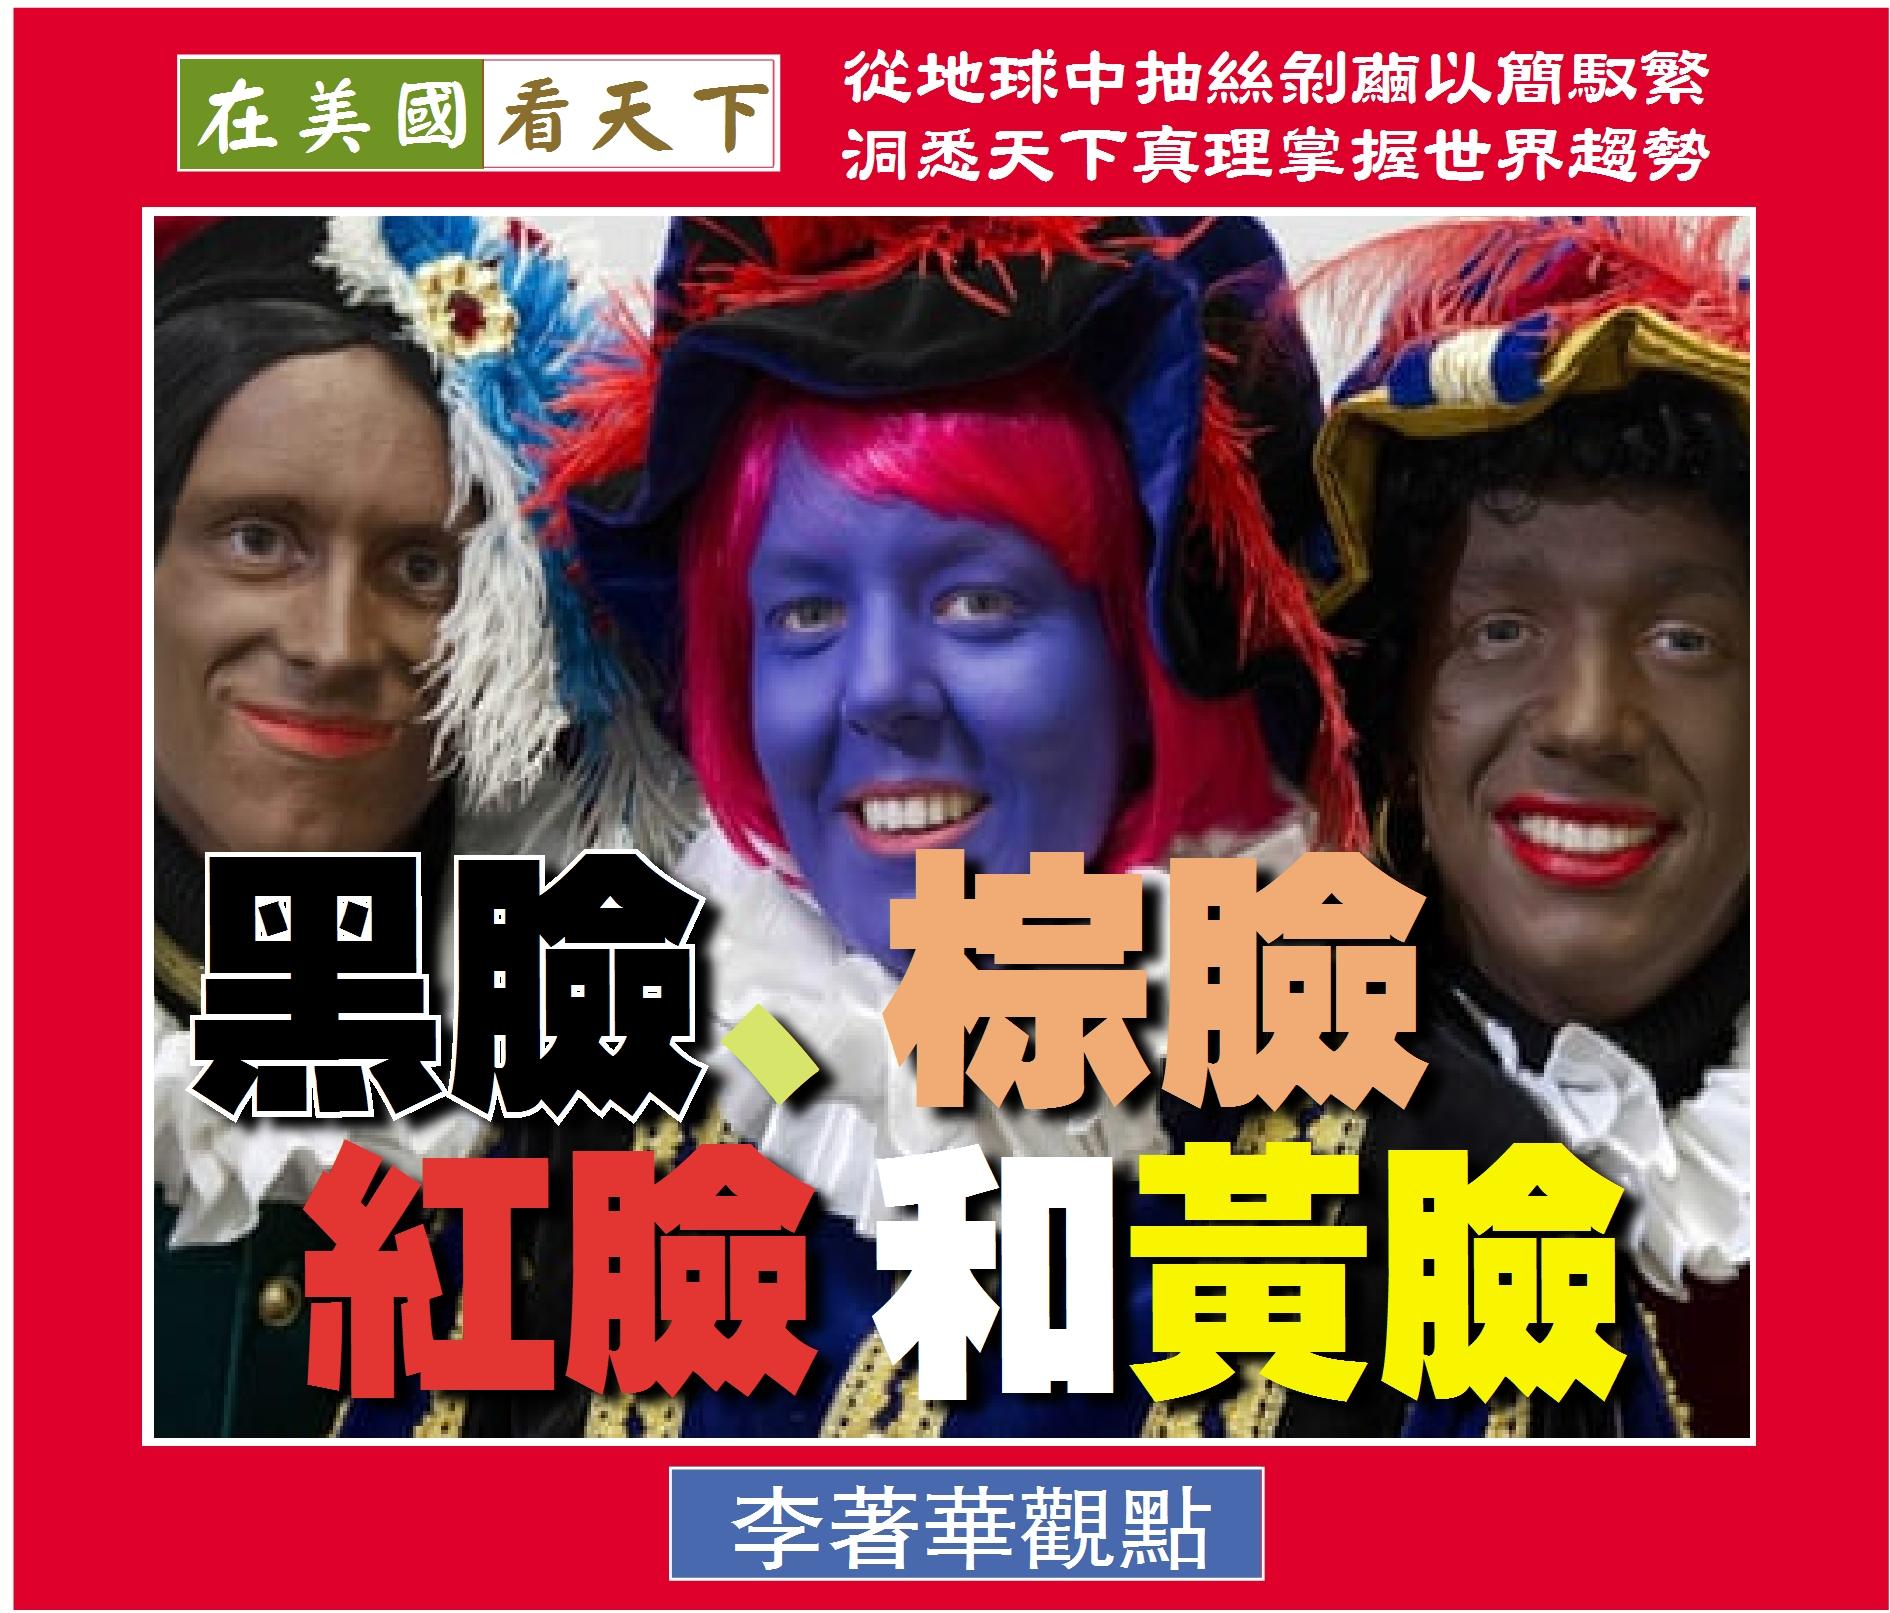 092119-黑臉、棕臉、紅臉和黃臉-1.jpg